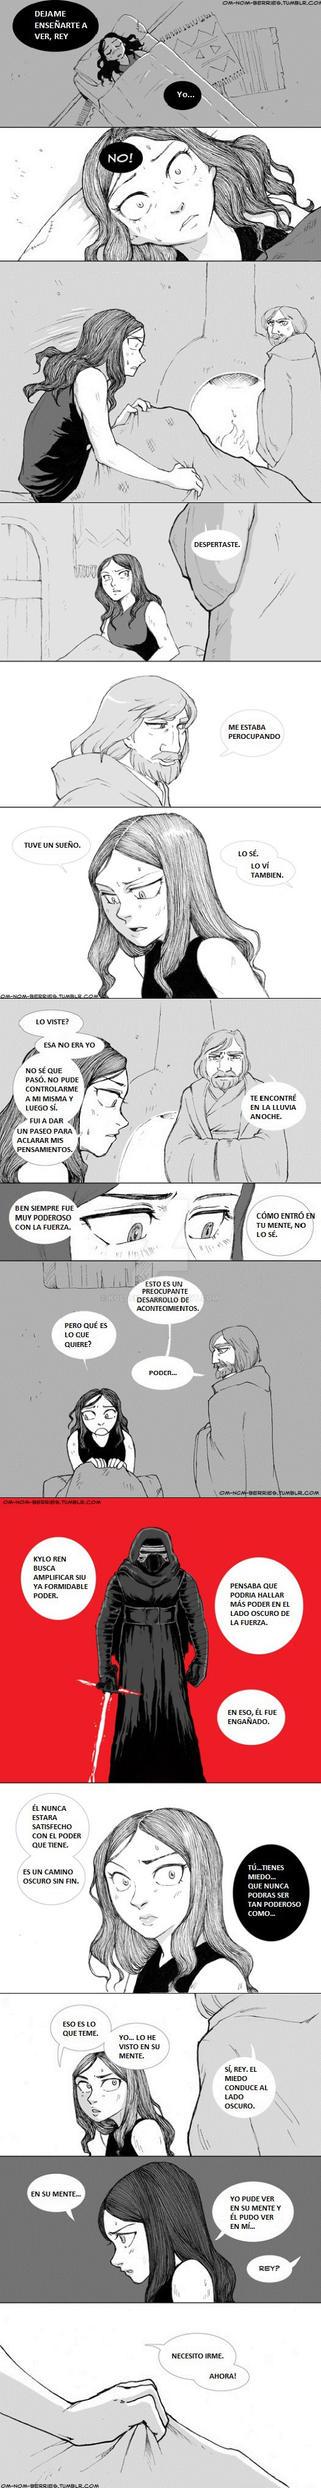 REYLO comic 13 by Koldeka